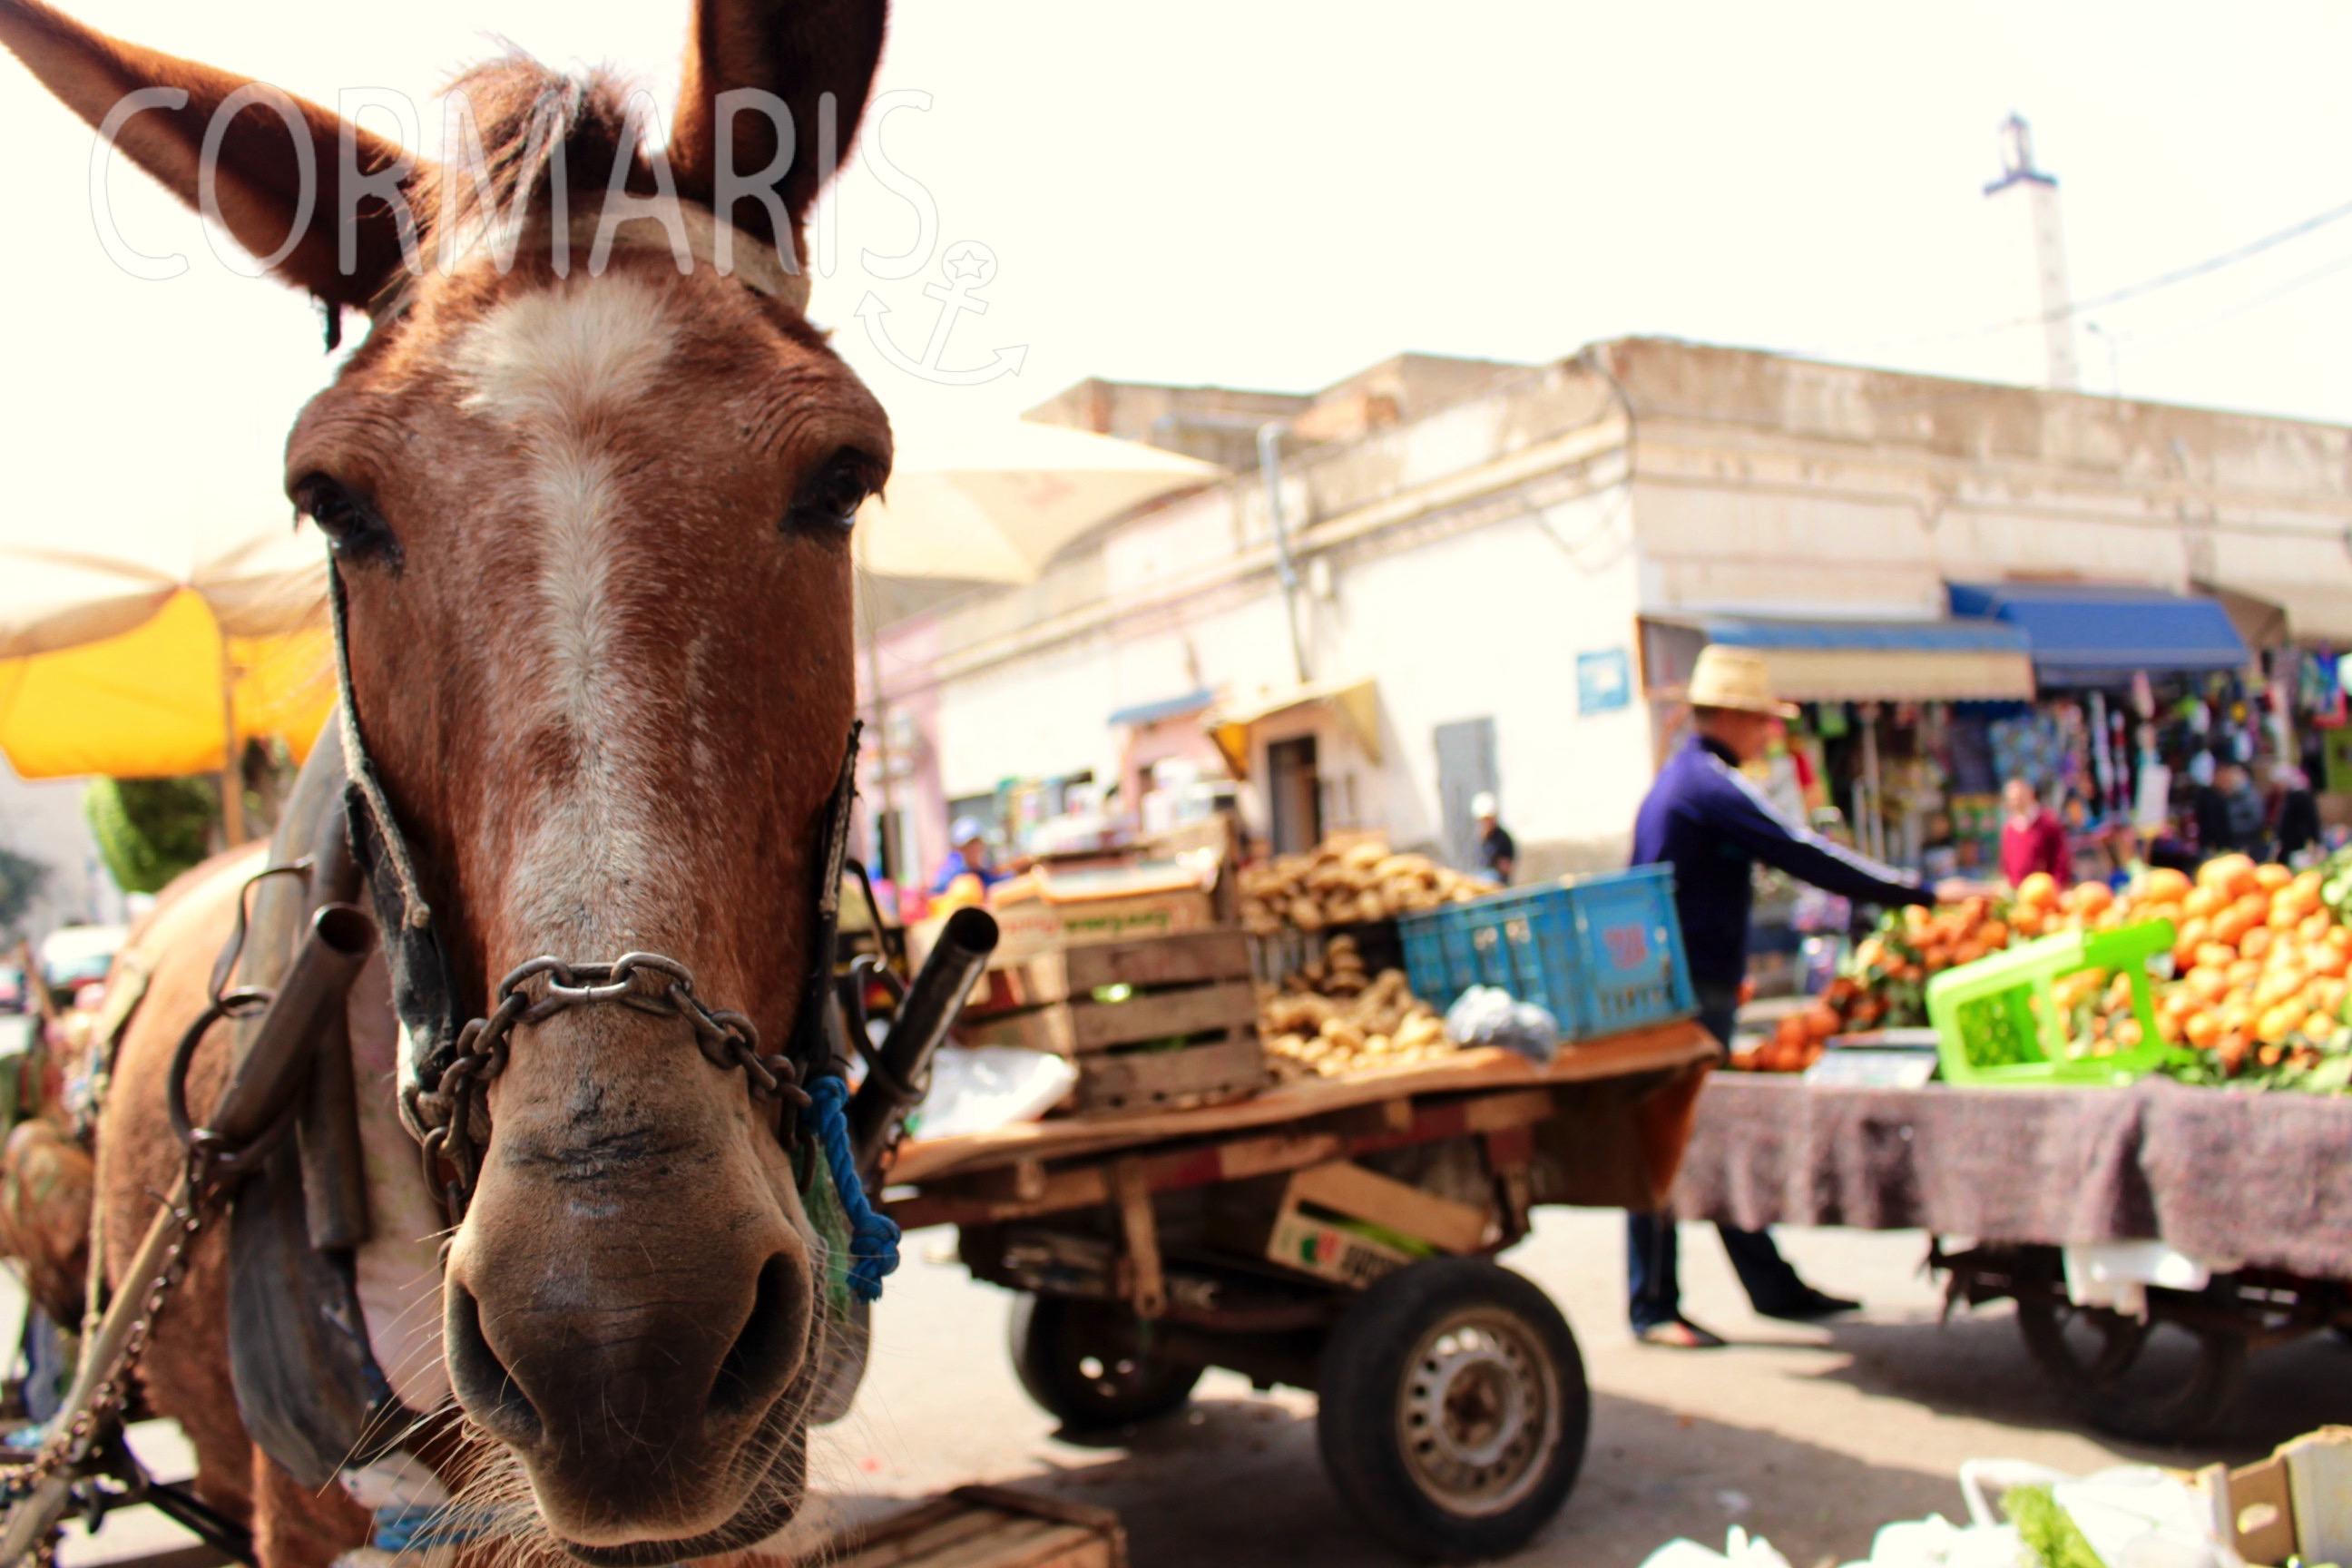 Ein Pferd zieht die Karre eines Obst- und Gemüsehändlers durch die Straßen von Nador. Foto: Corinna Kuhs